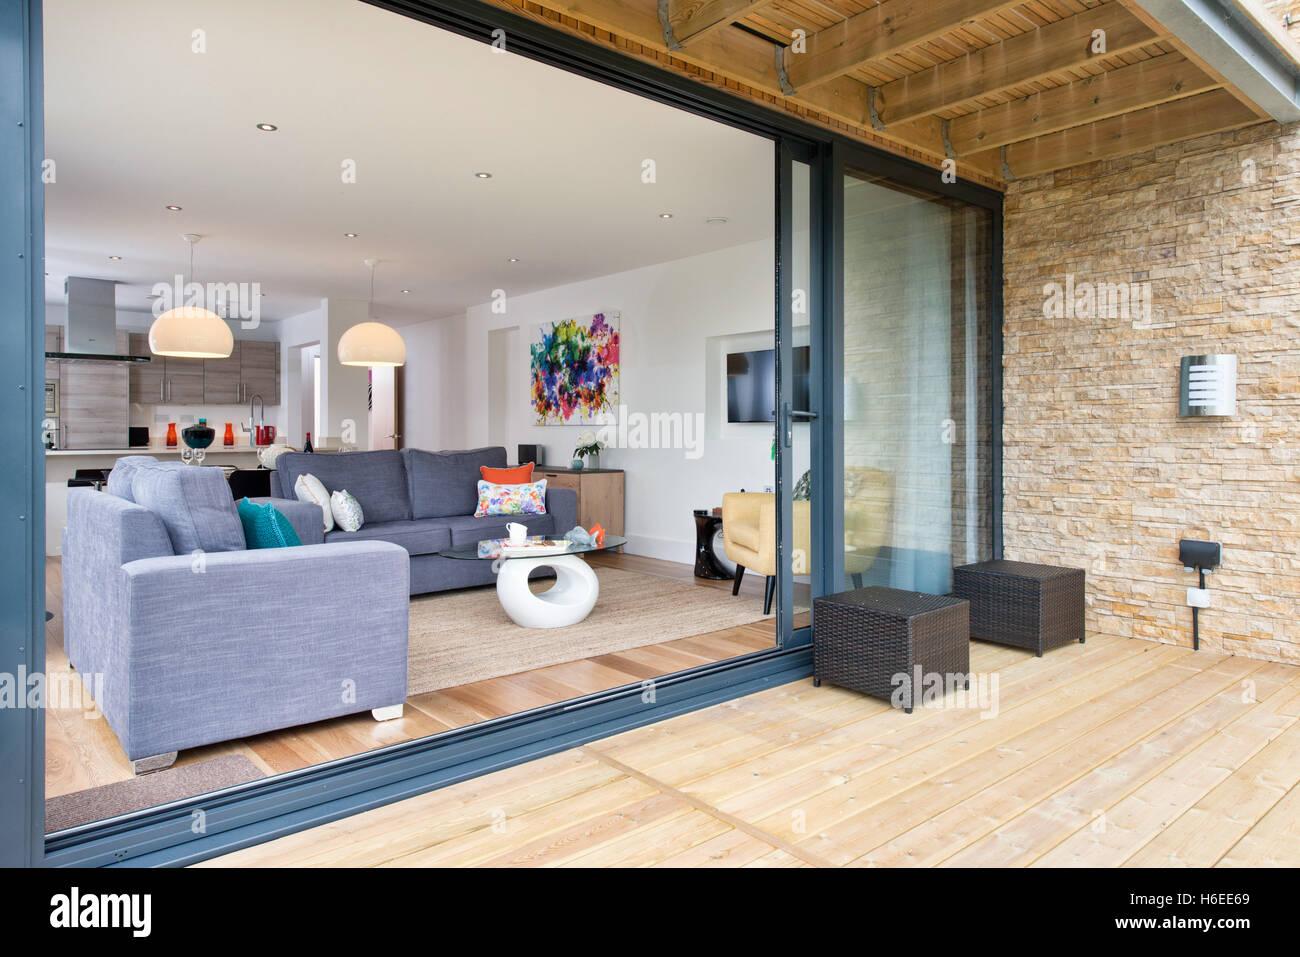 Einrichtungsideen Wohnzimmer Mit Essbereich Wohnzimmer Offener